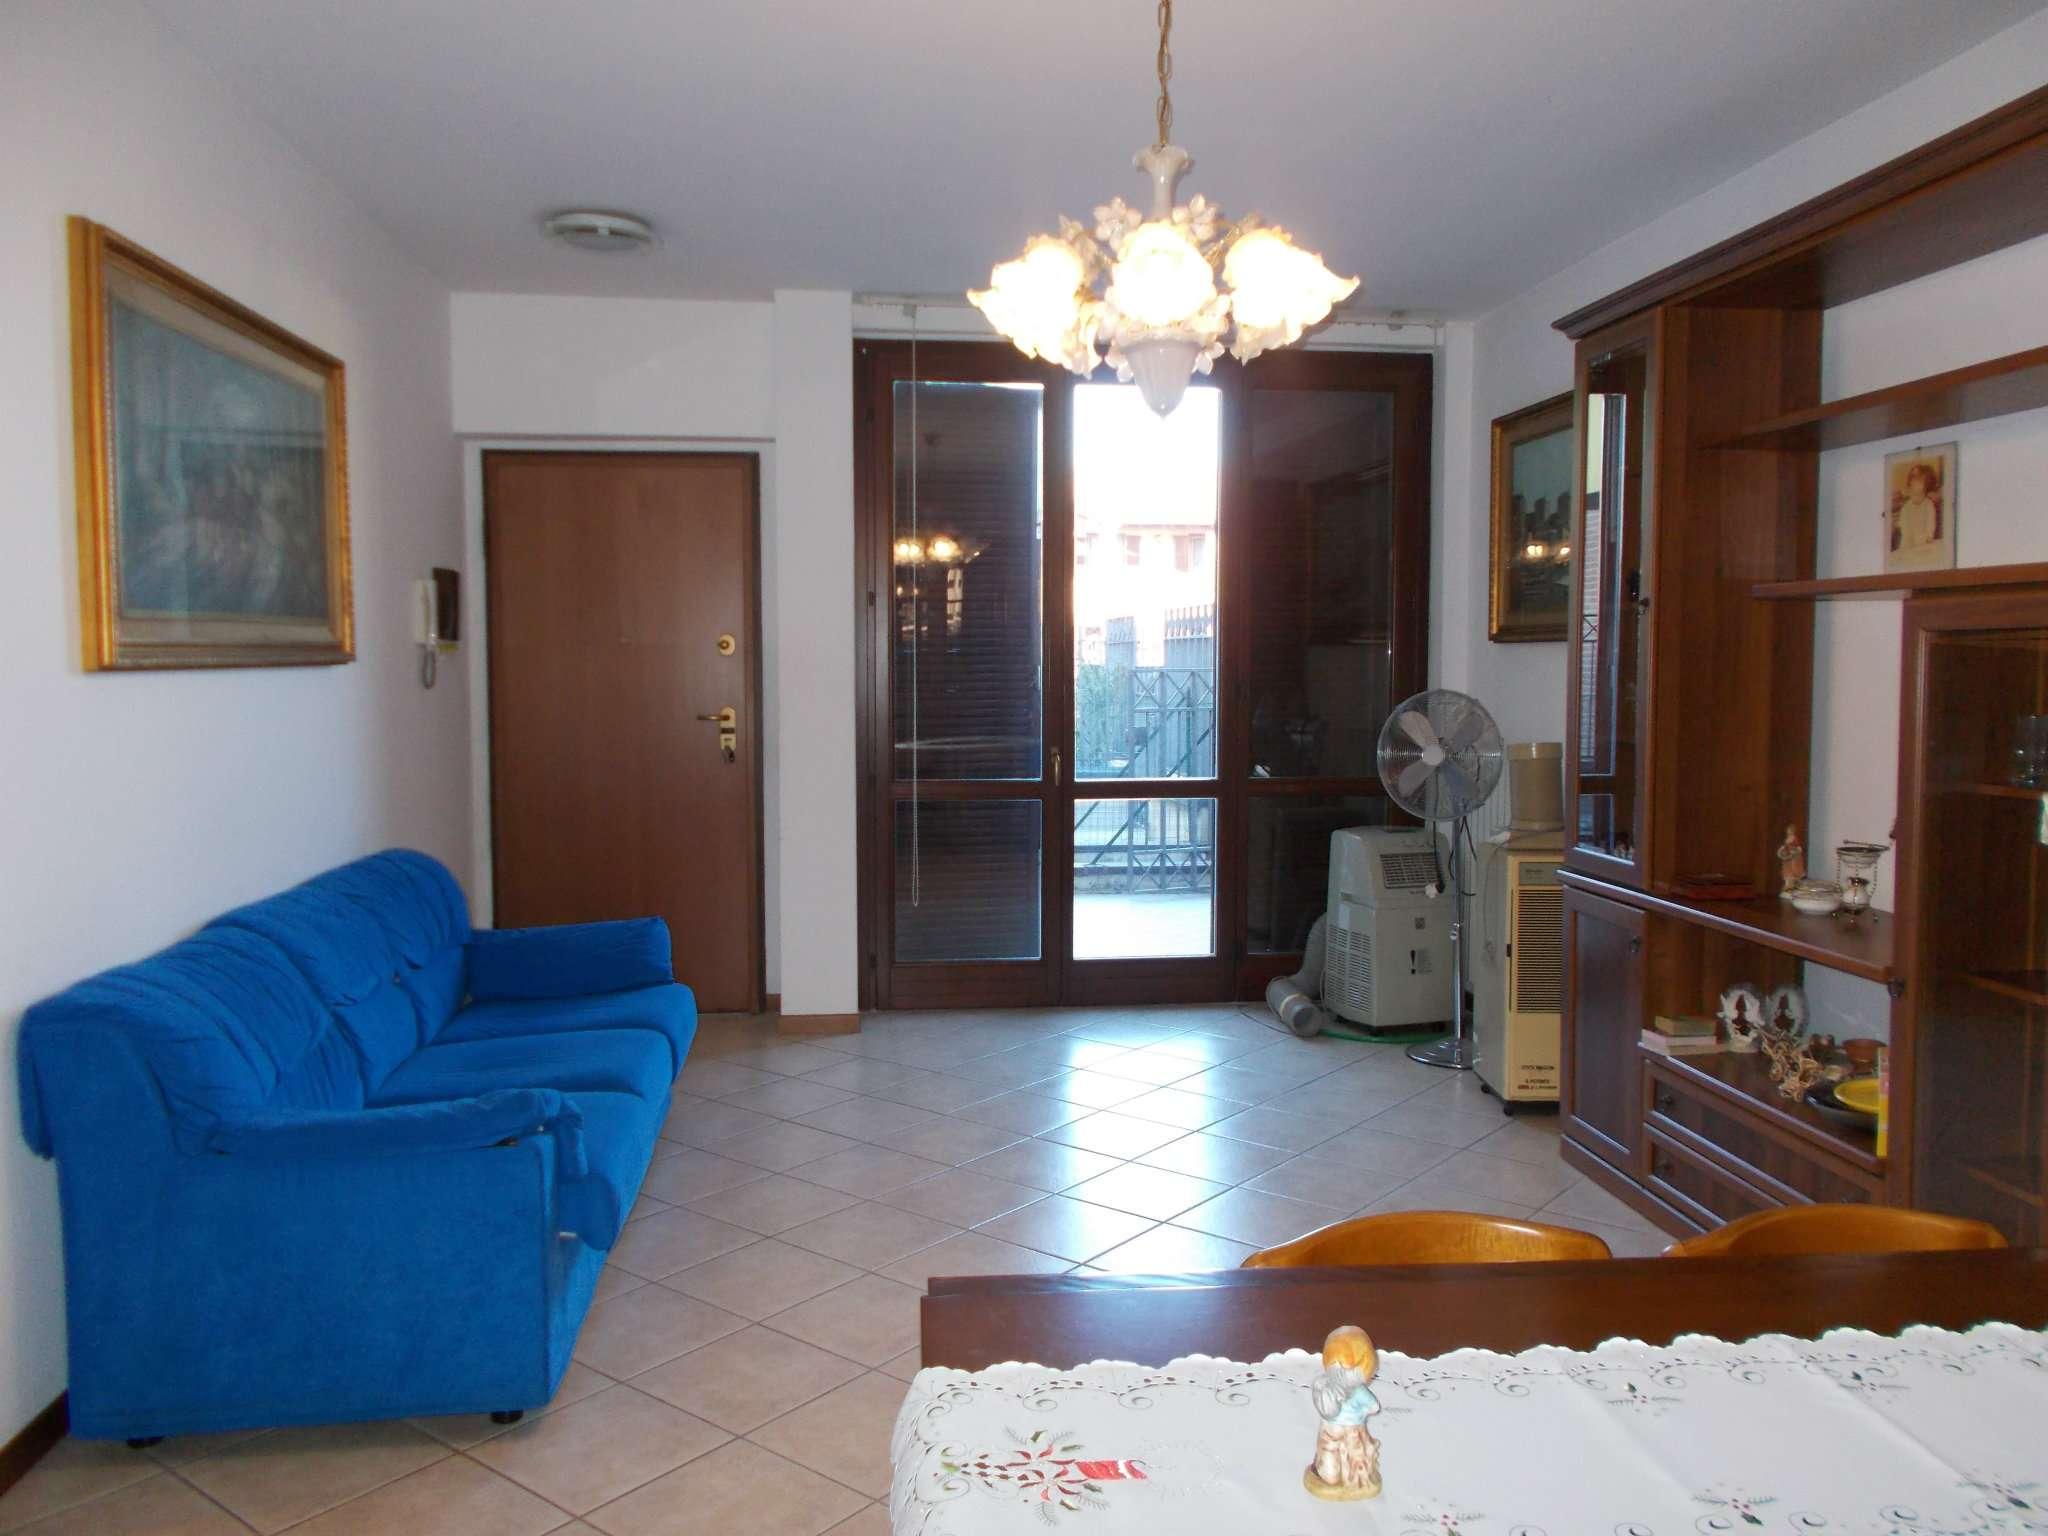 Appartamento in vendita a Cassina de' Pecchi, 3 locali, prezzo € 298.000 | CambioCasa.it